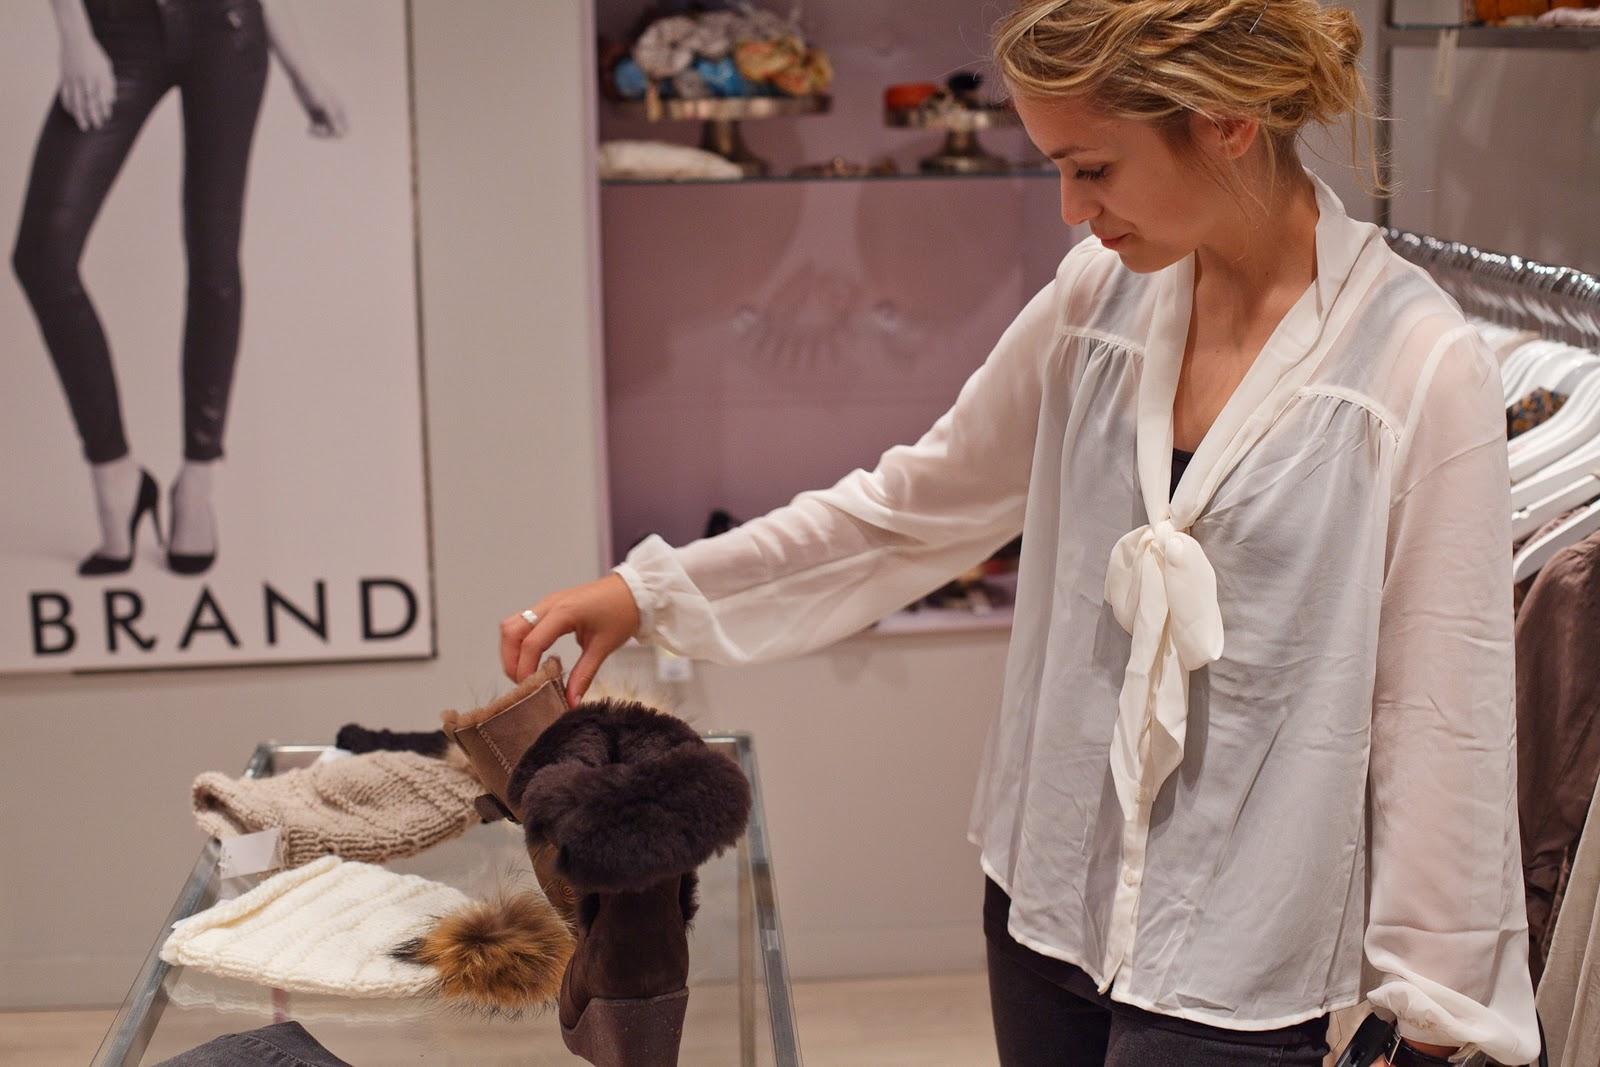 Virgin Fashion Store in Aachen | JillePille